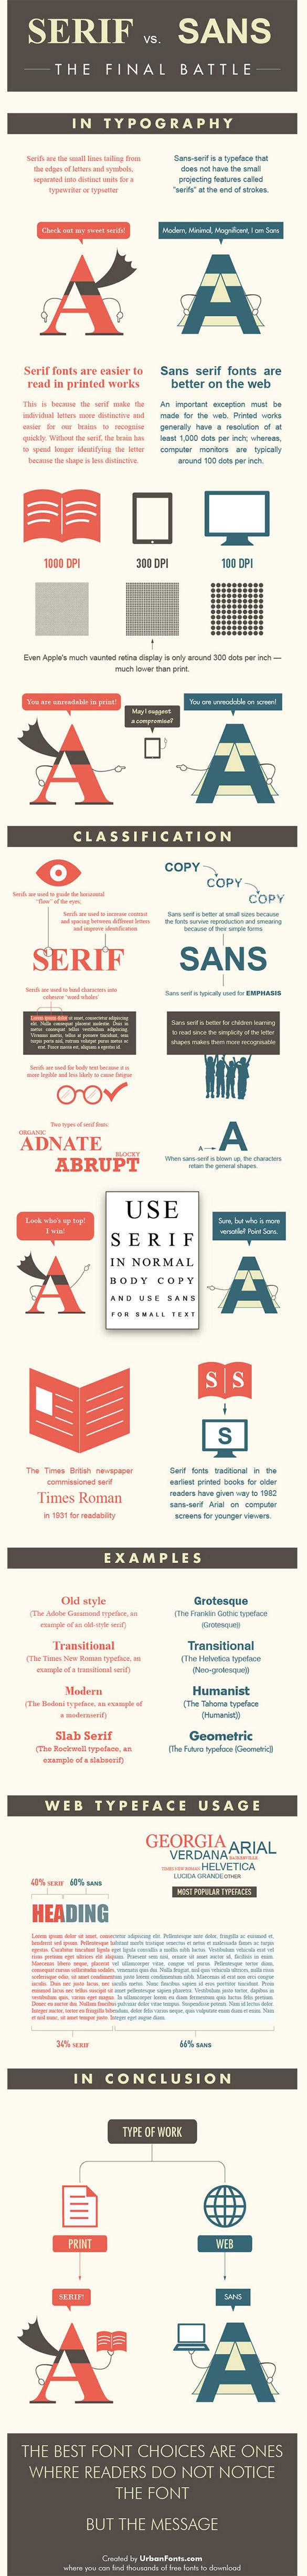 a_serif_sans_serif